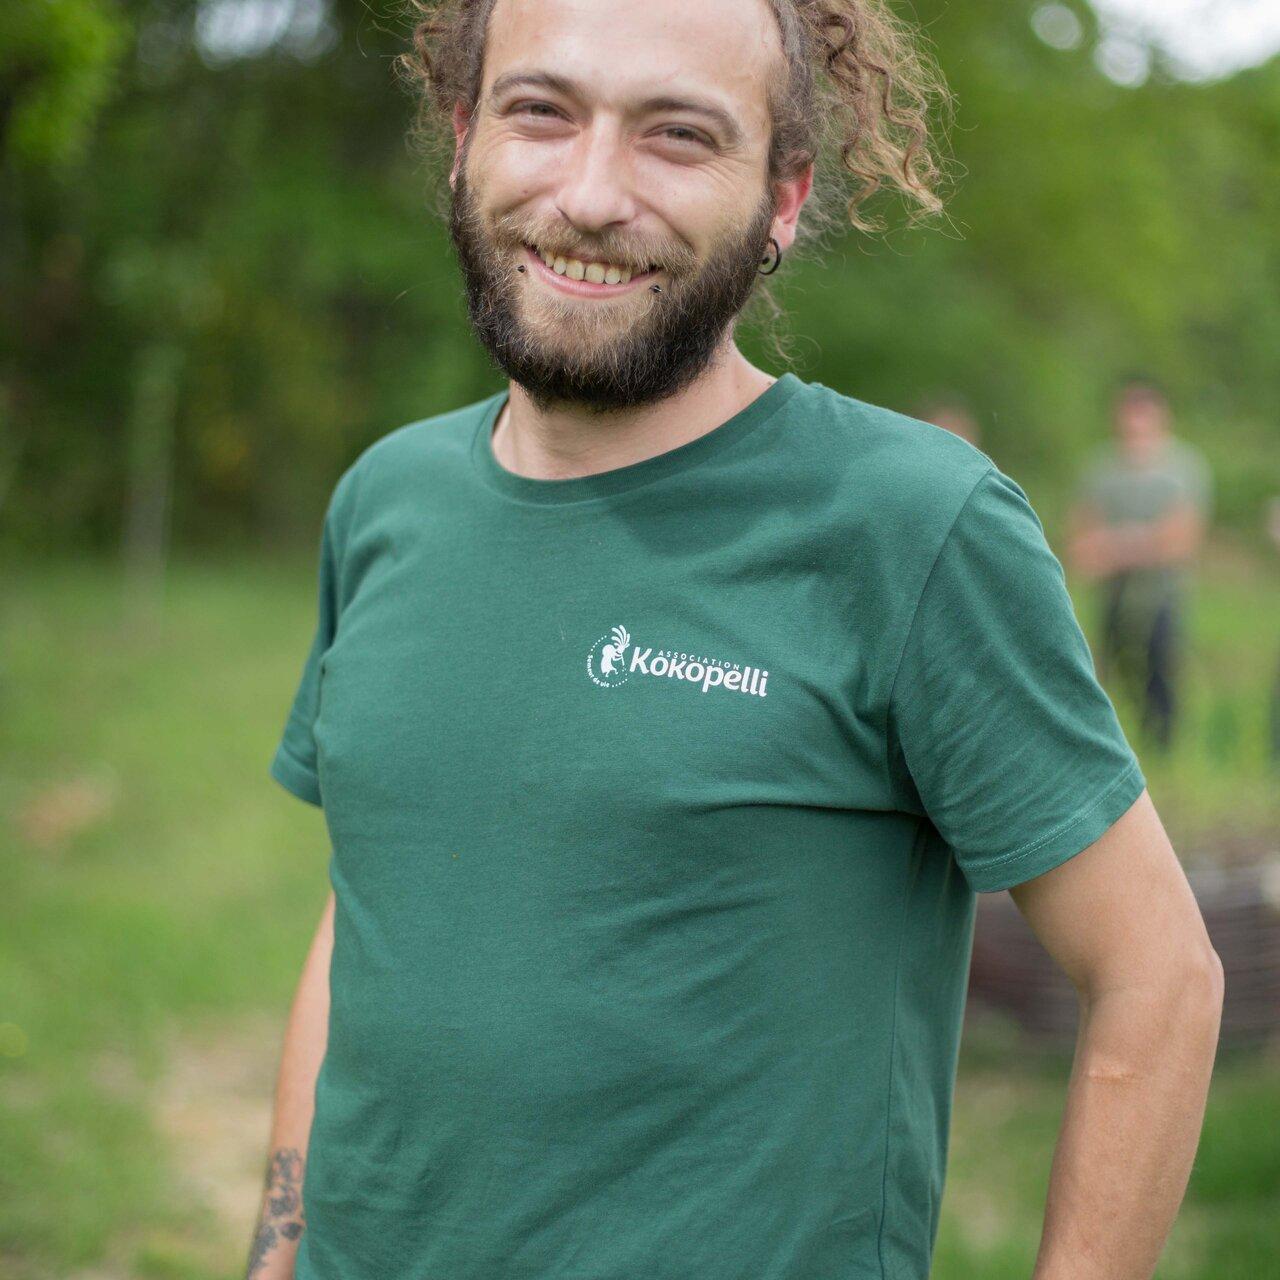 Vêtements - T-Shirt homme vert bouteille, taille M